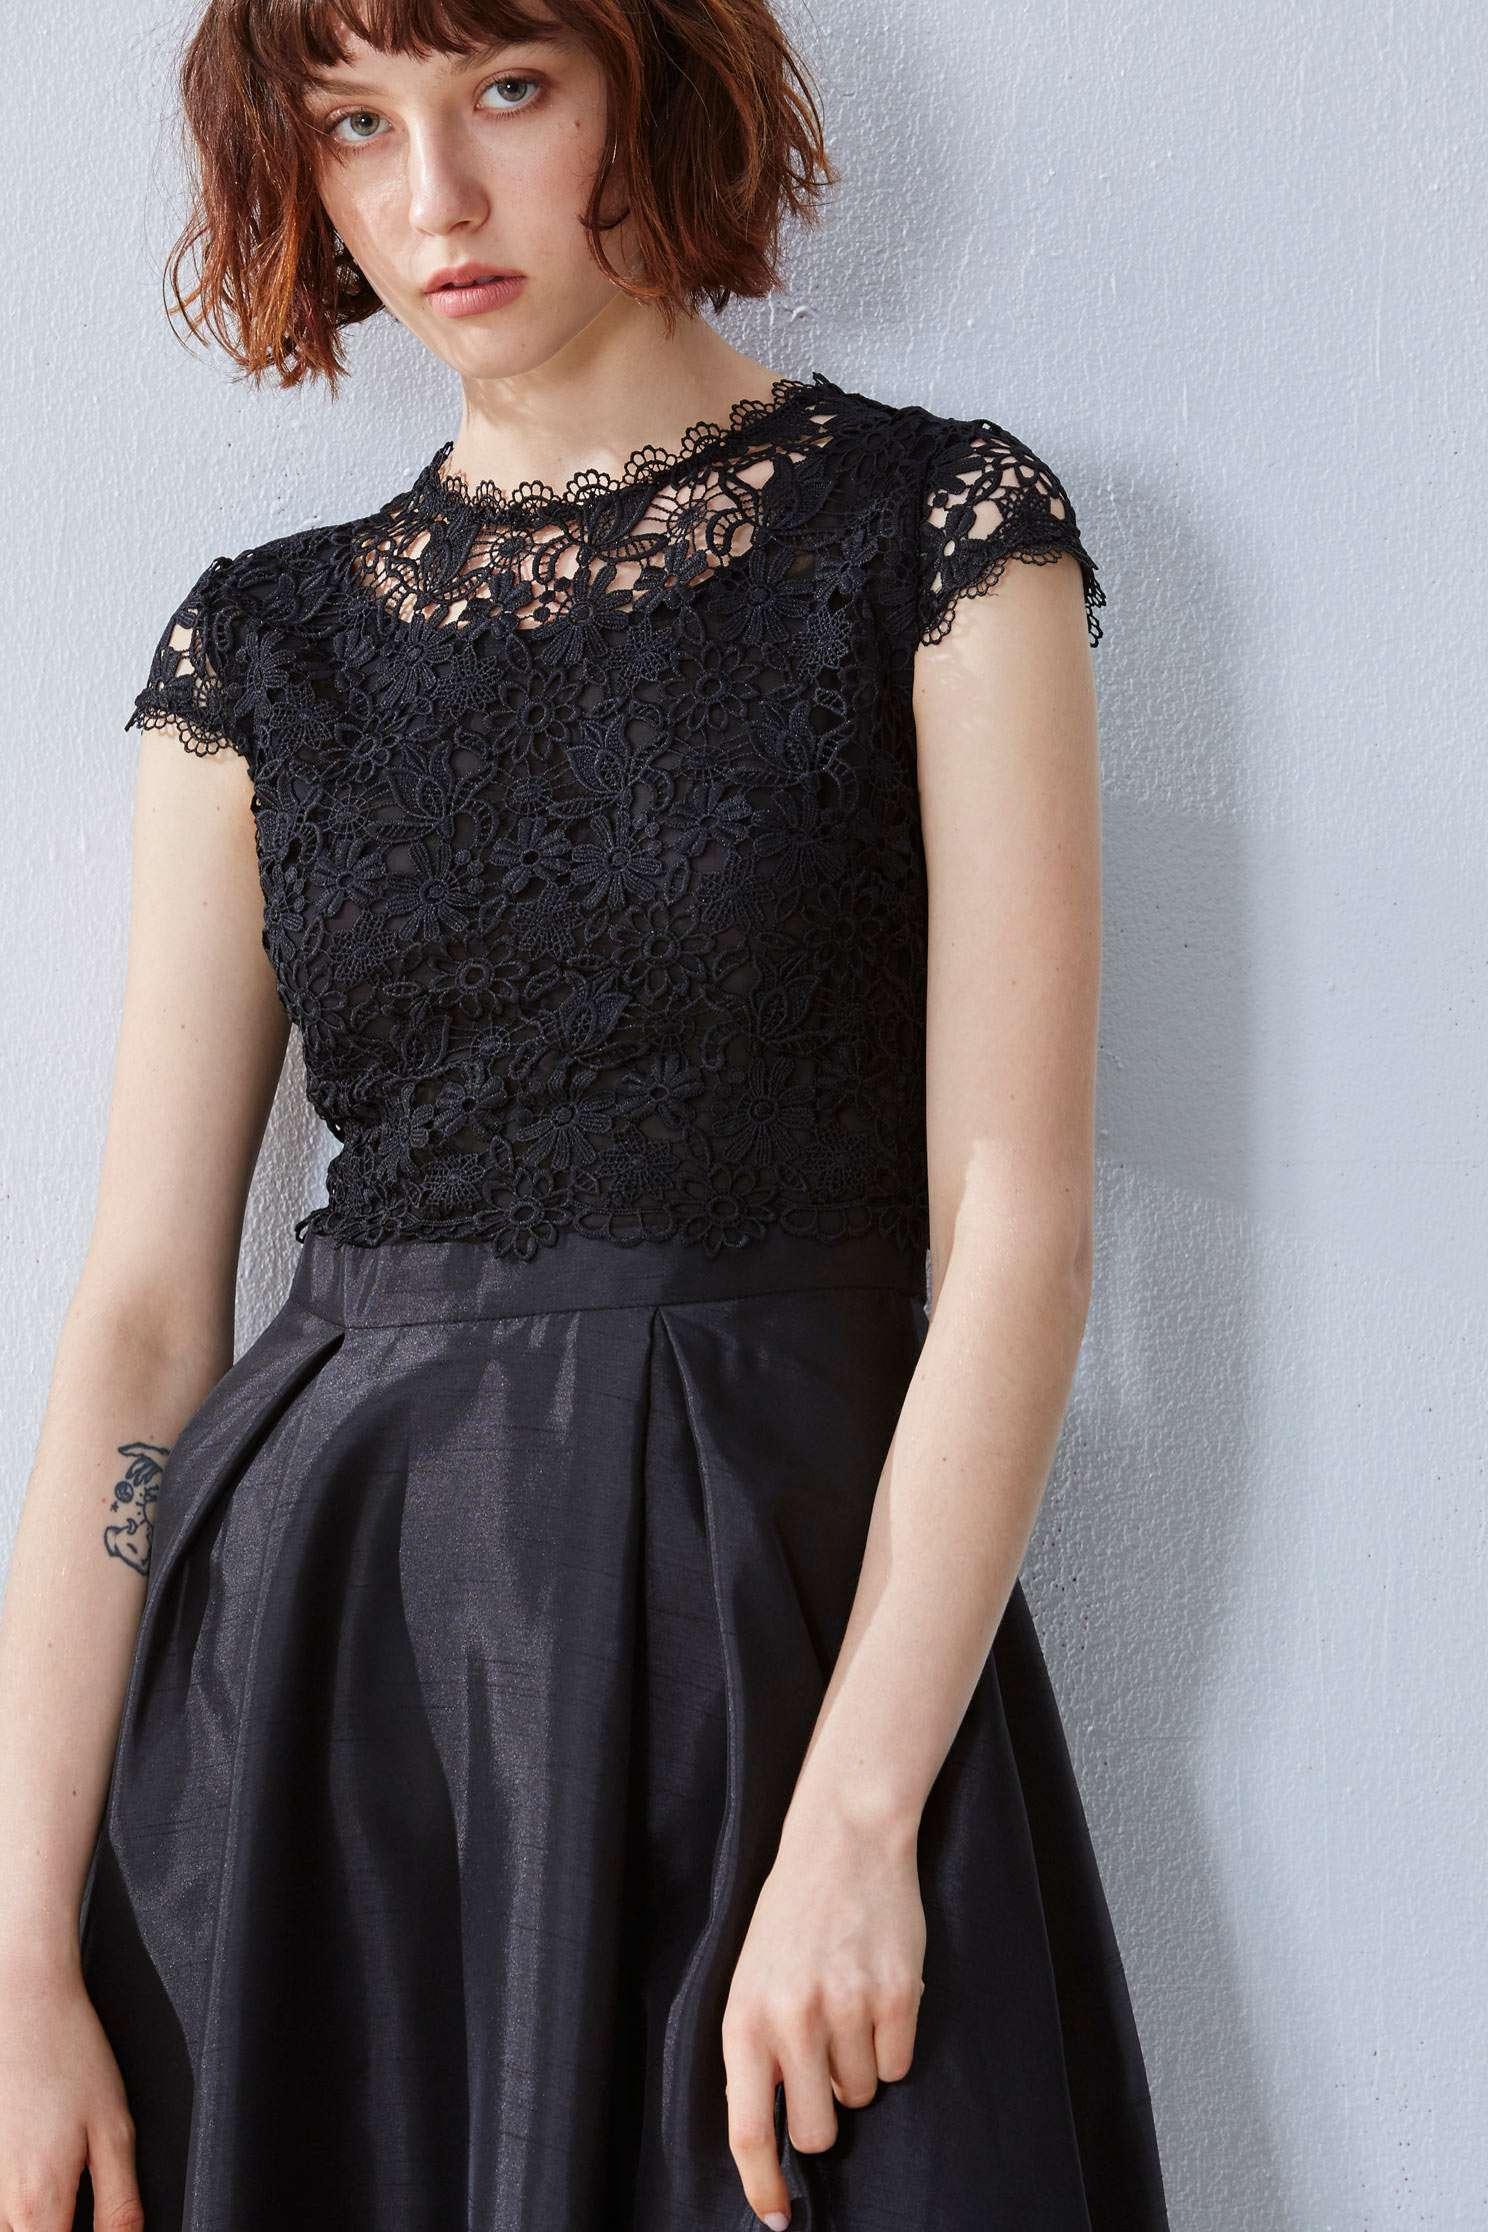 Lace stitching gorgeous dress